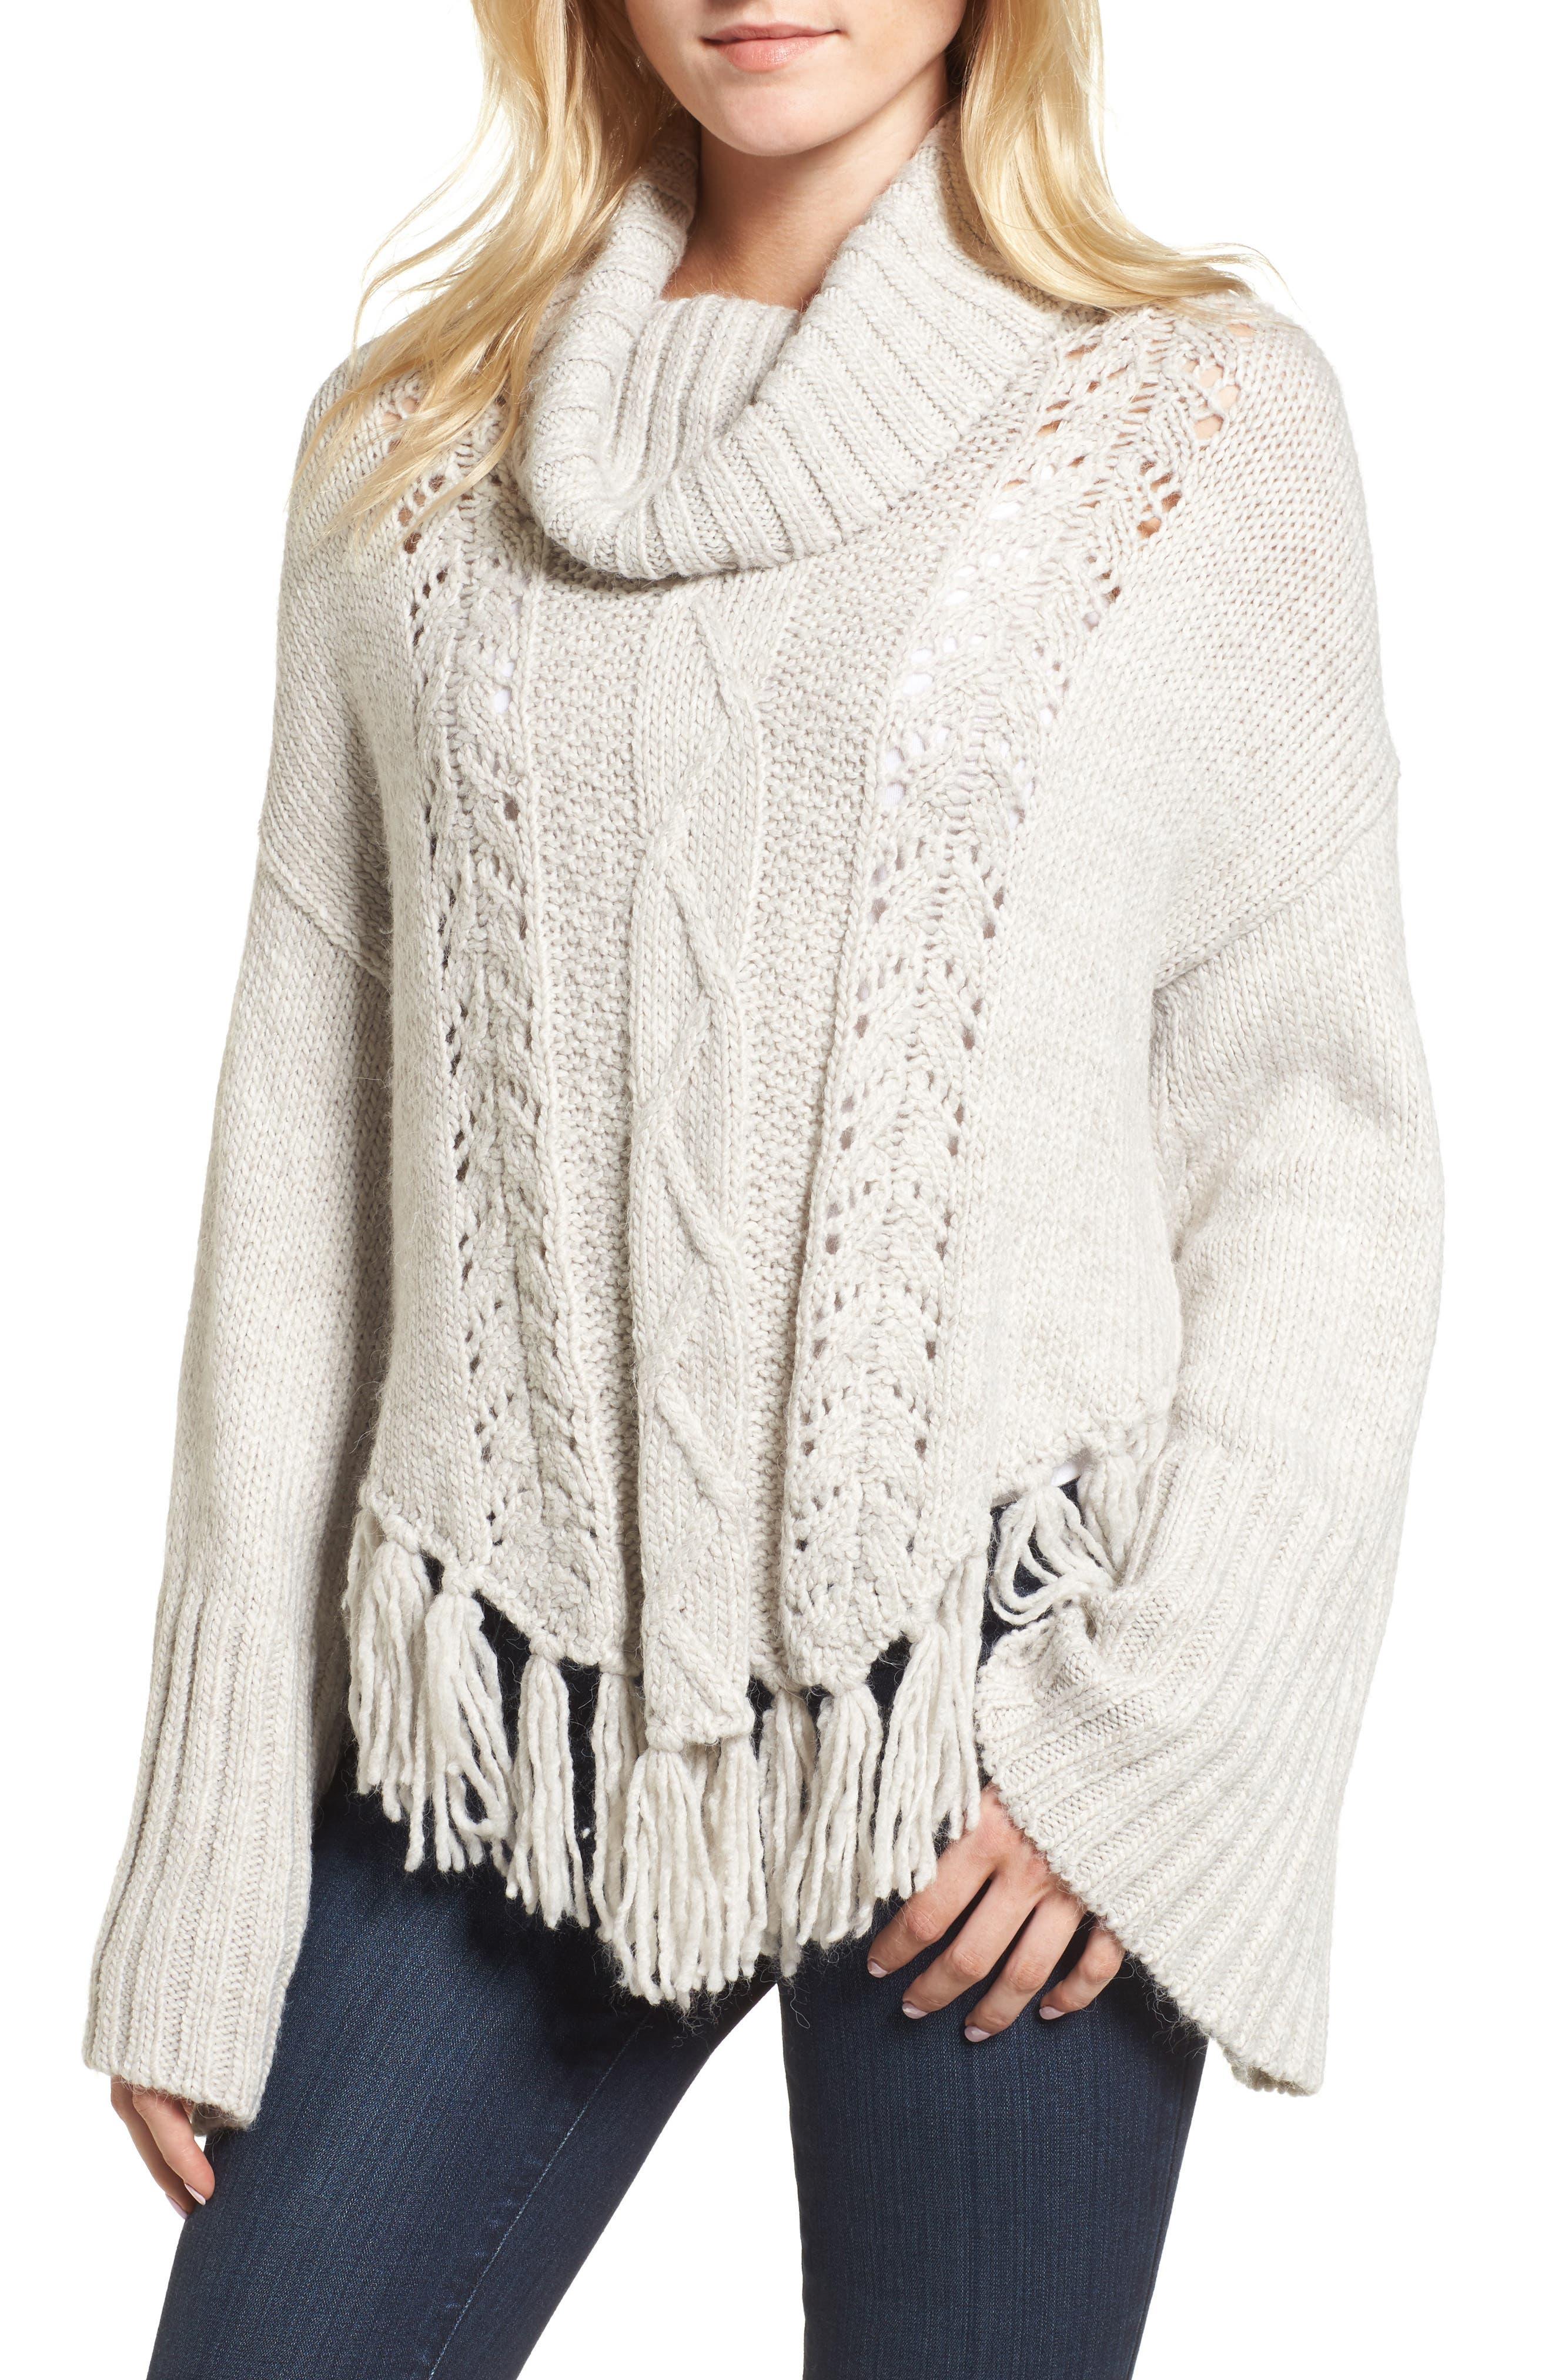 Prilla Fringe Cowl Neck Sweater,                         Main,                         color, Latte